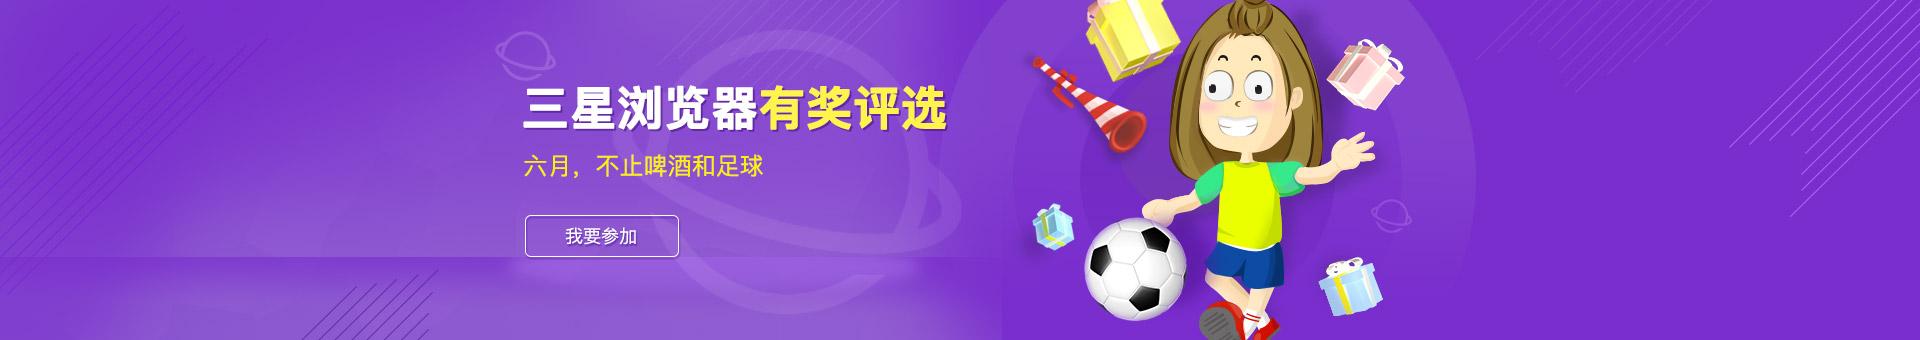 【有奖活动】三星浏览器6月有奖评选